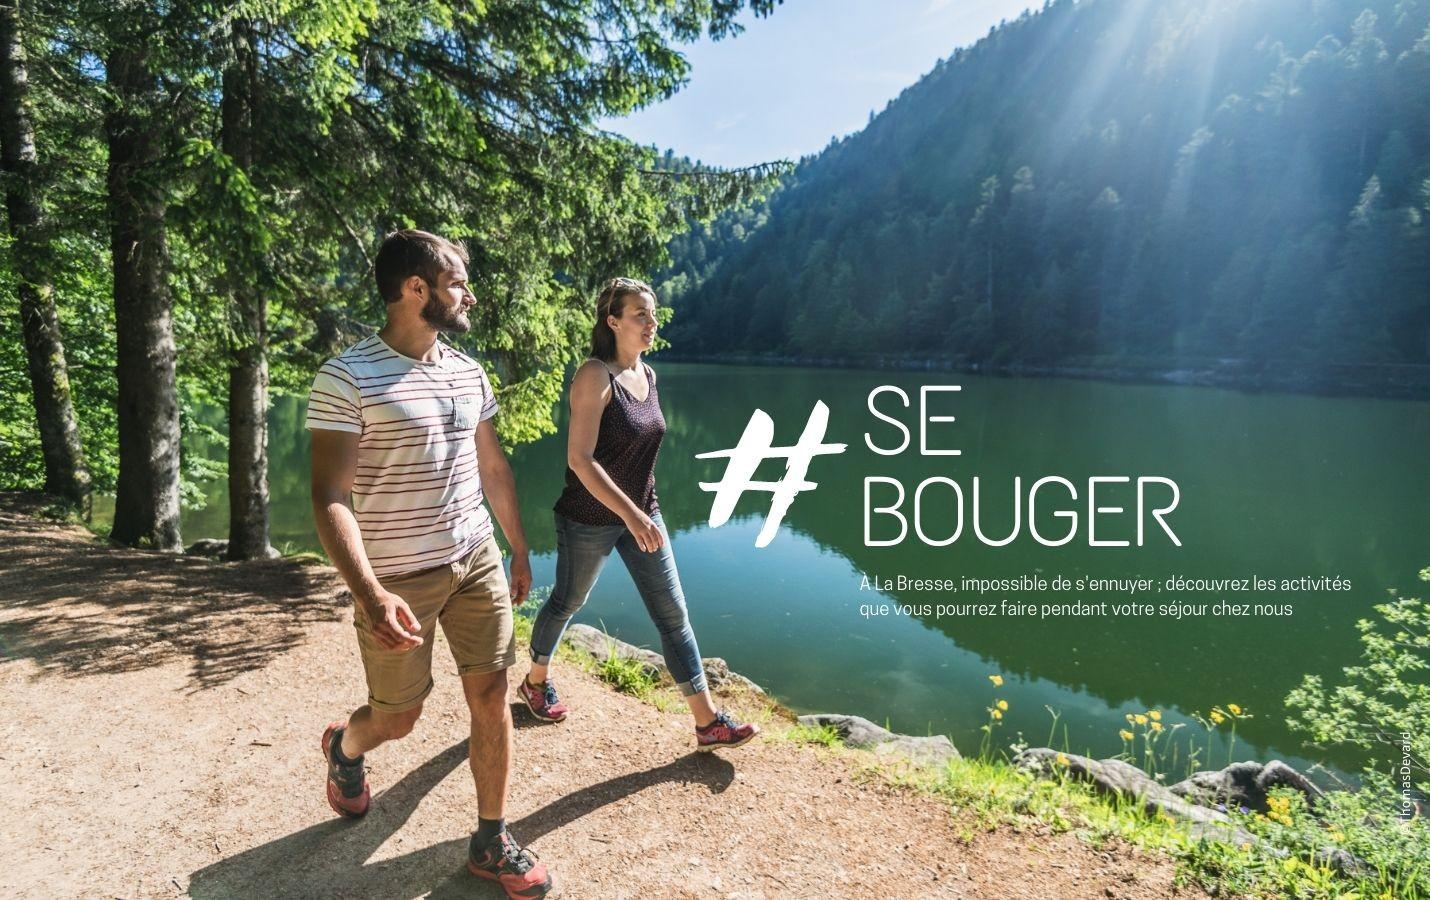 La Bresse Hautes-Vosges #SeBouger